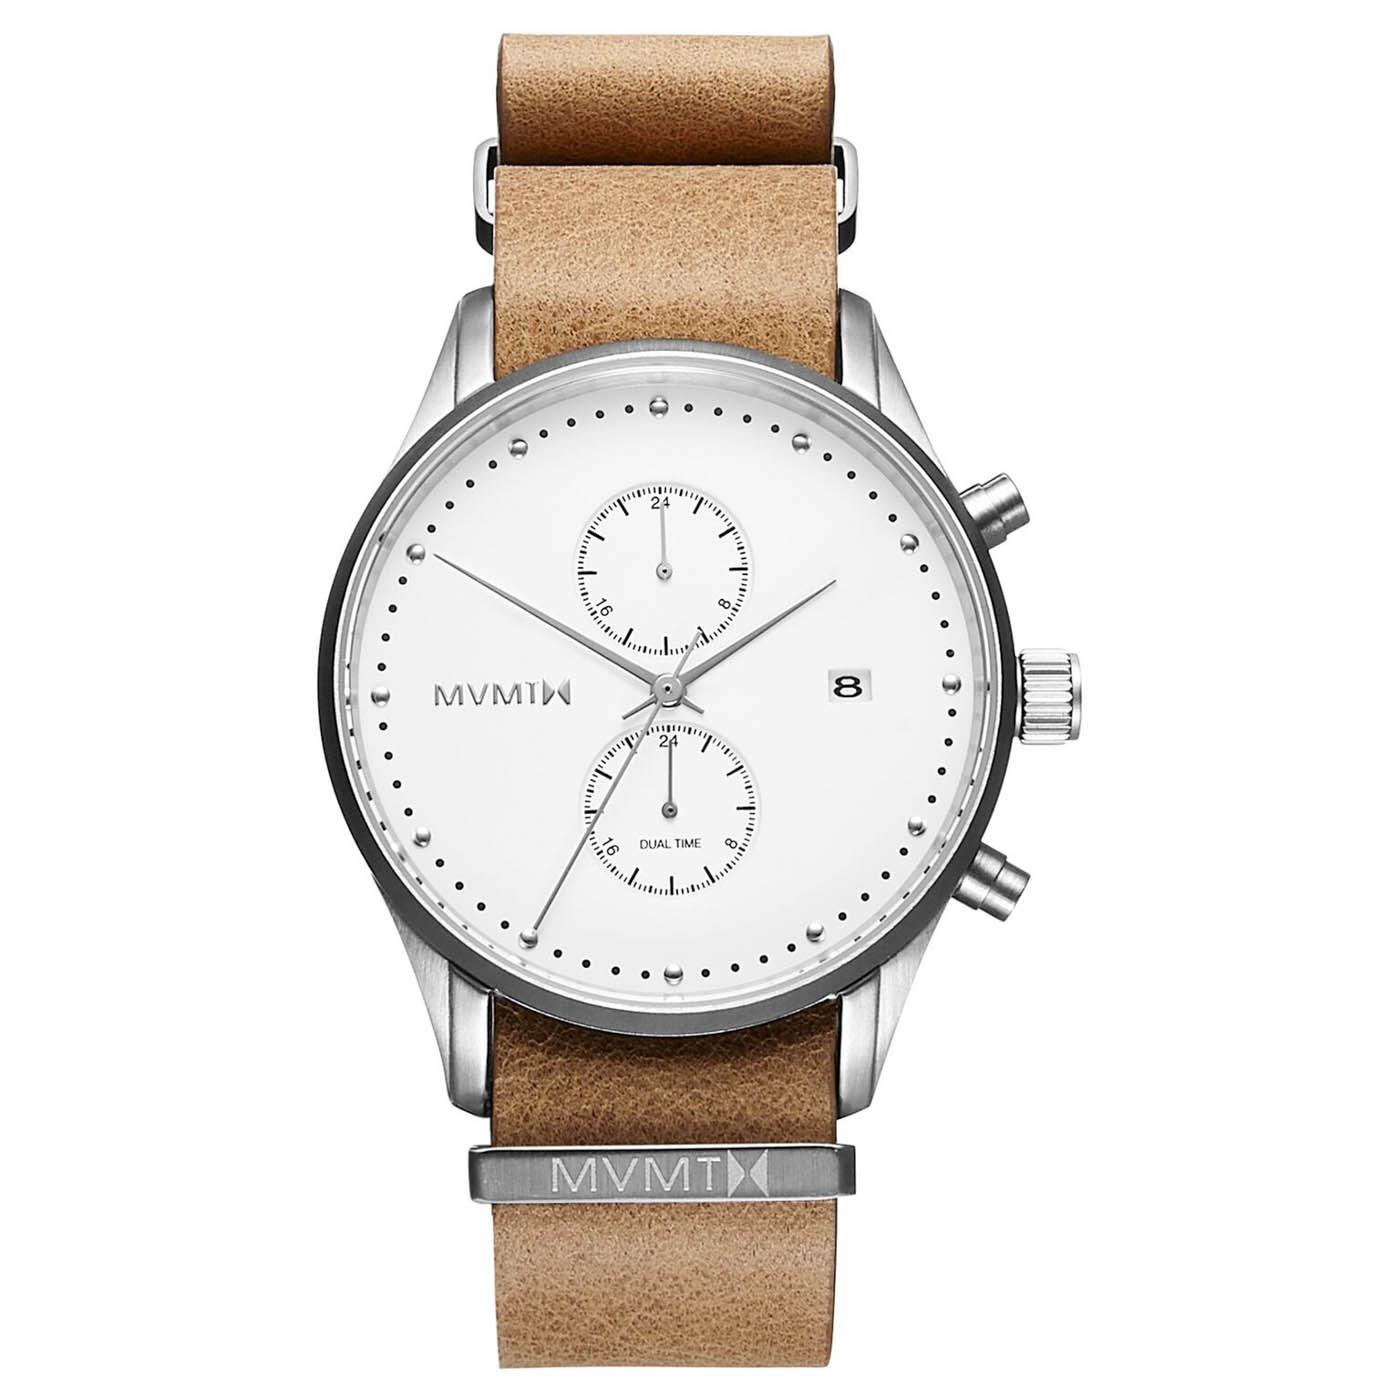 MVMT D-MVO1-WT Horloge Voyager Biscayne 42 mm